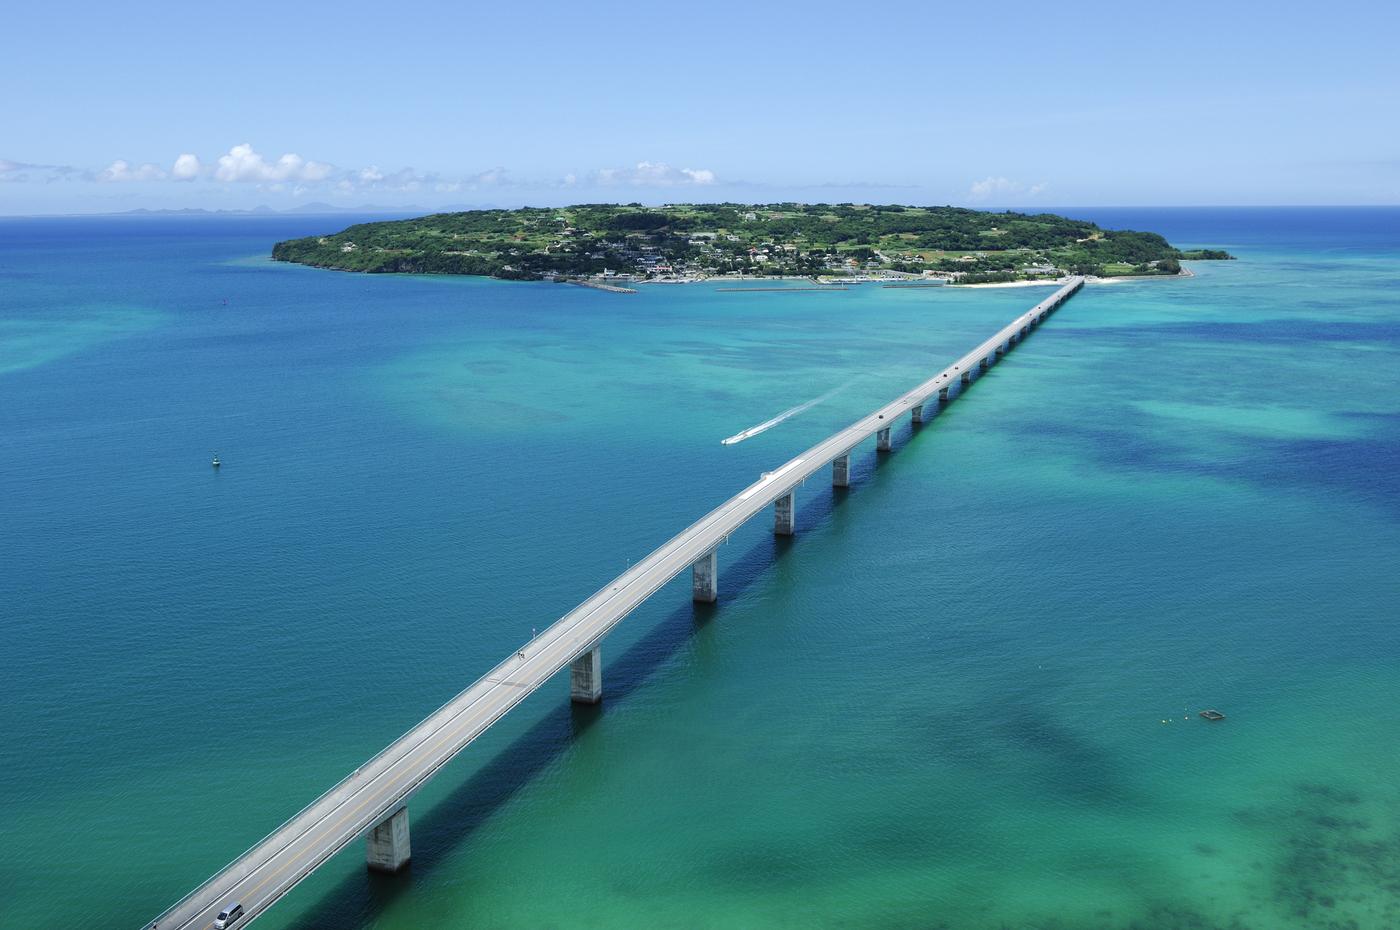 めんそーれ!沖縄おすすめ観光地4選!の1枚目の画像の画像